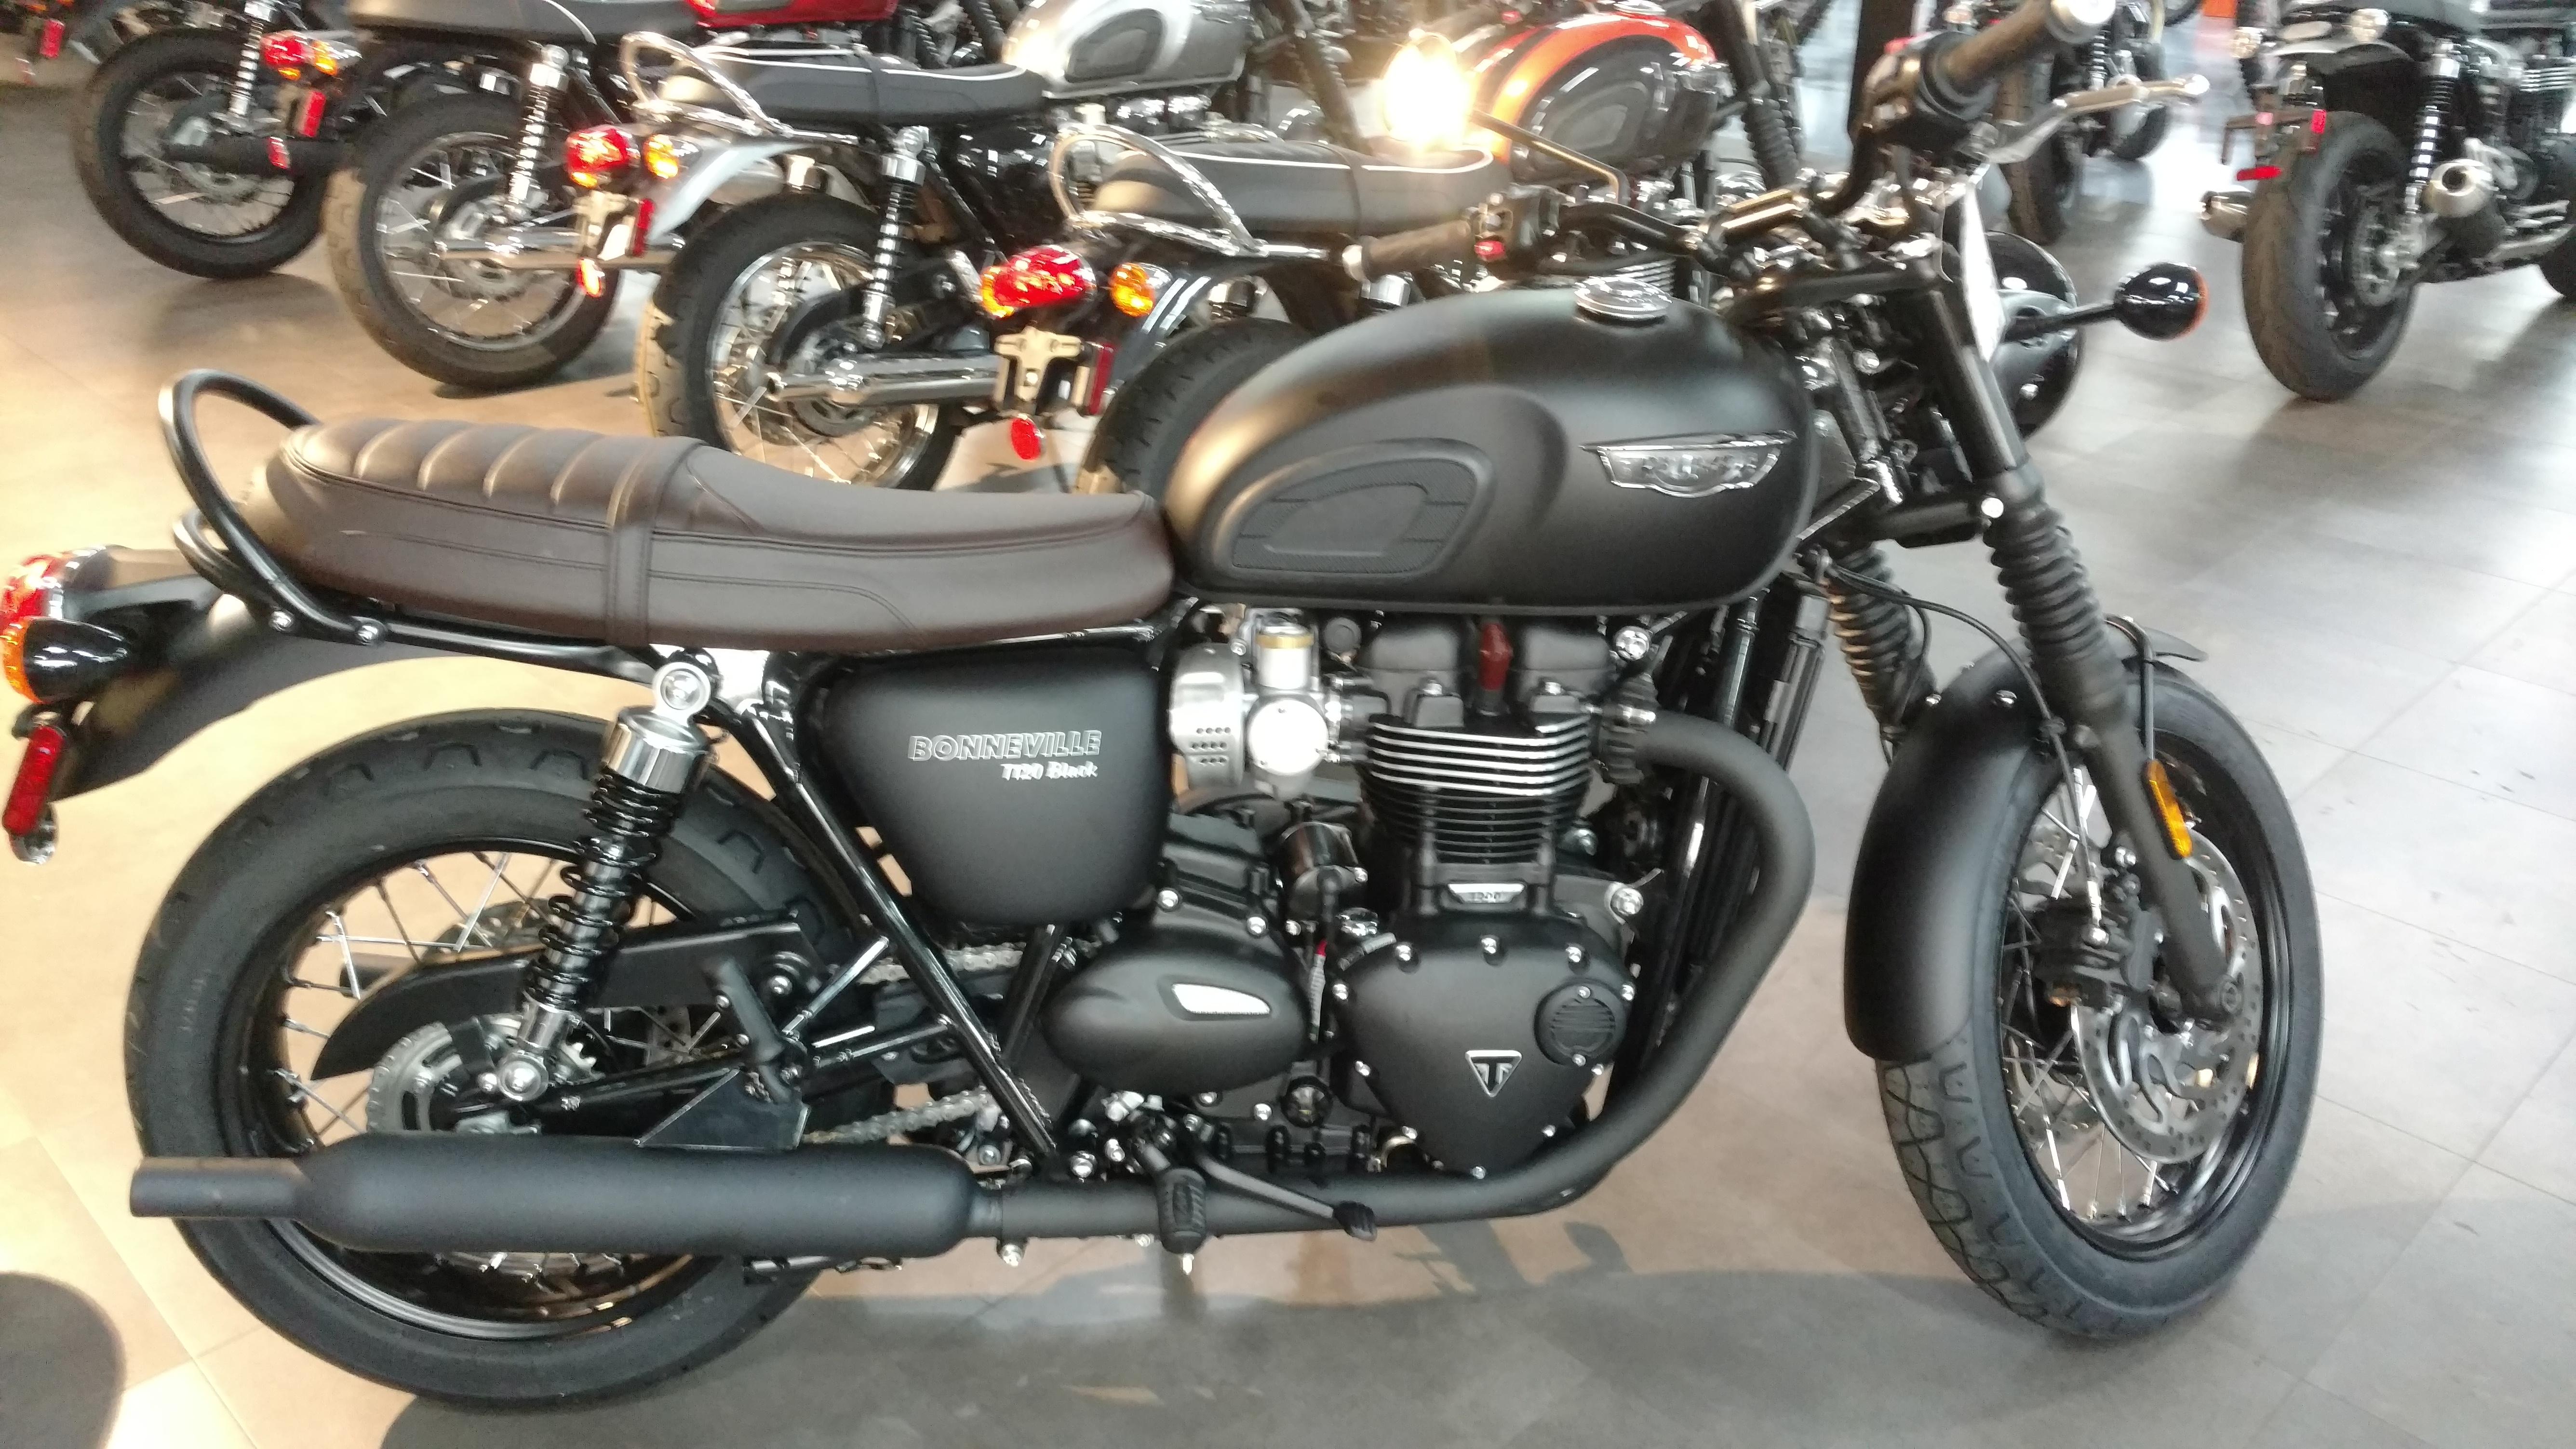 2020 Triumph Bonneville T120 Black For Sale In Tucson Az Azkkt Inc Tucson Az 520 333 2201